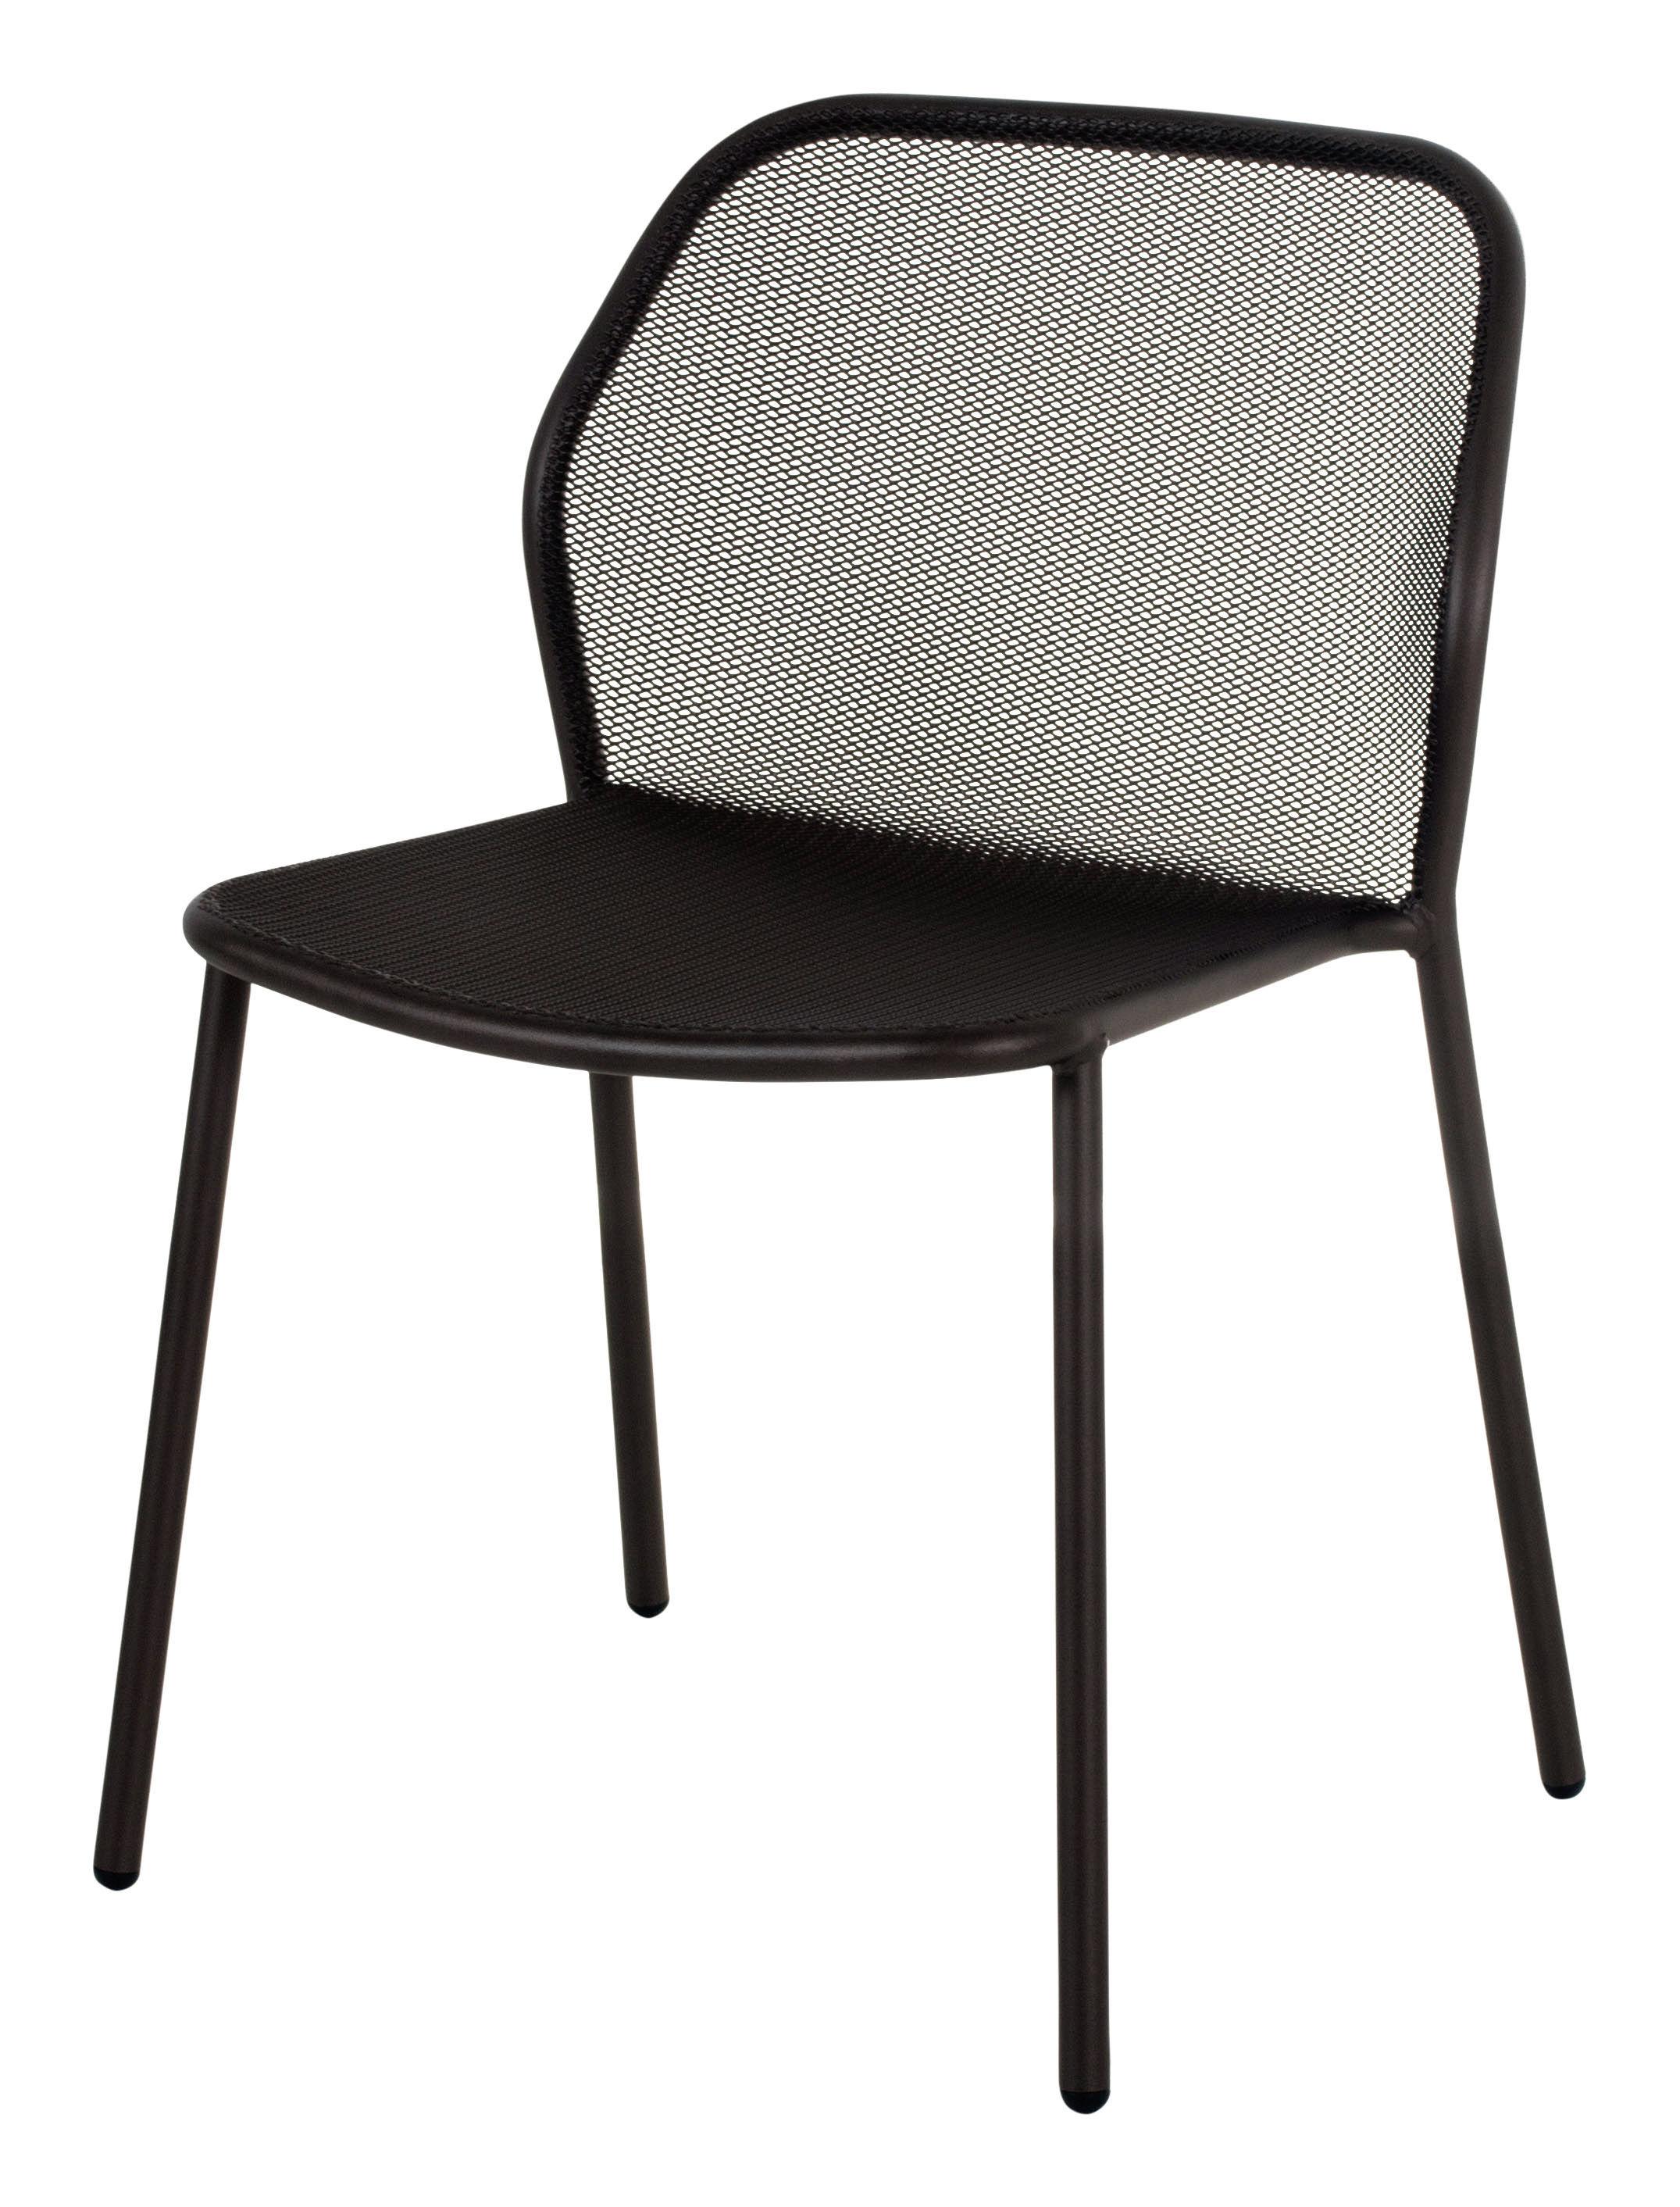 Darwin Stacking chair - Metal Black by Emu | Made In Design UK